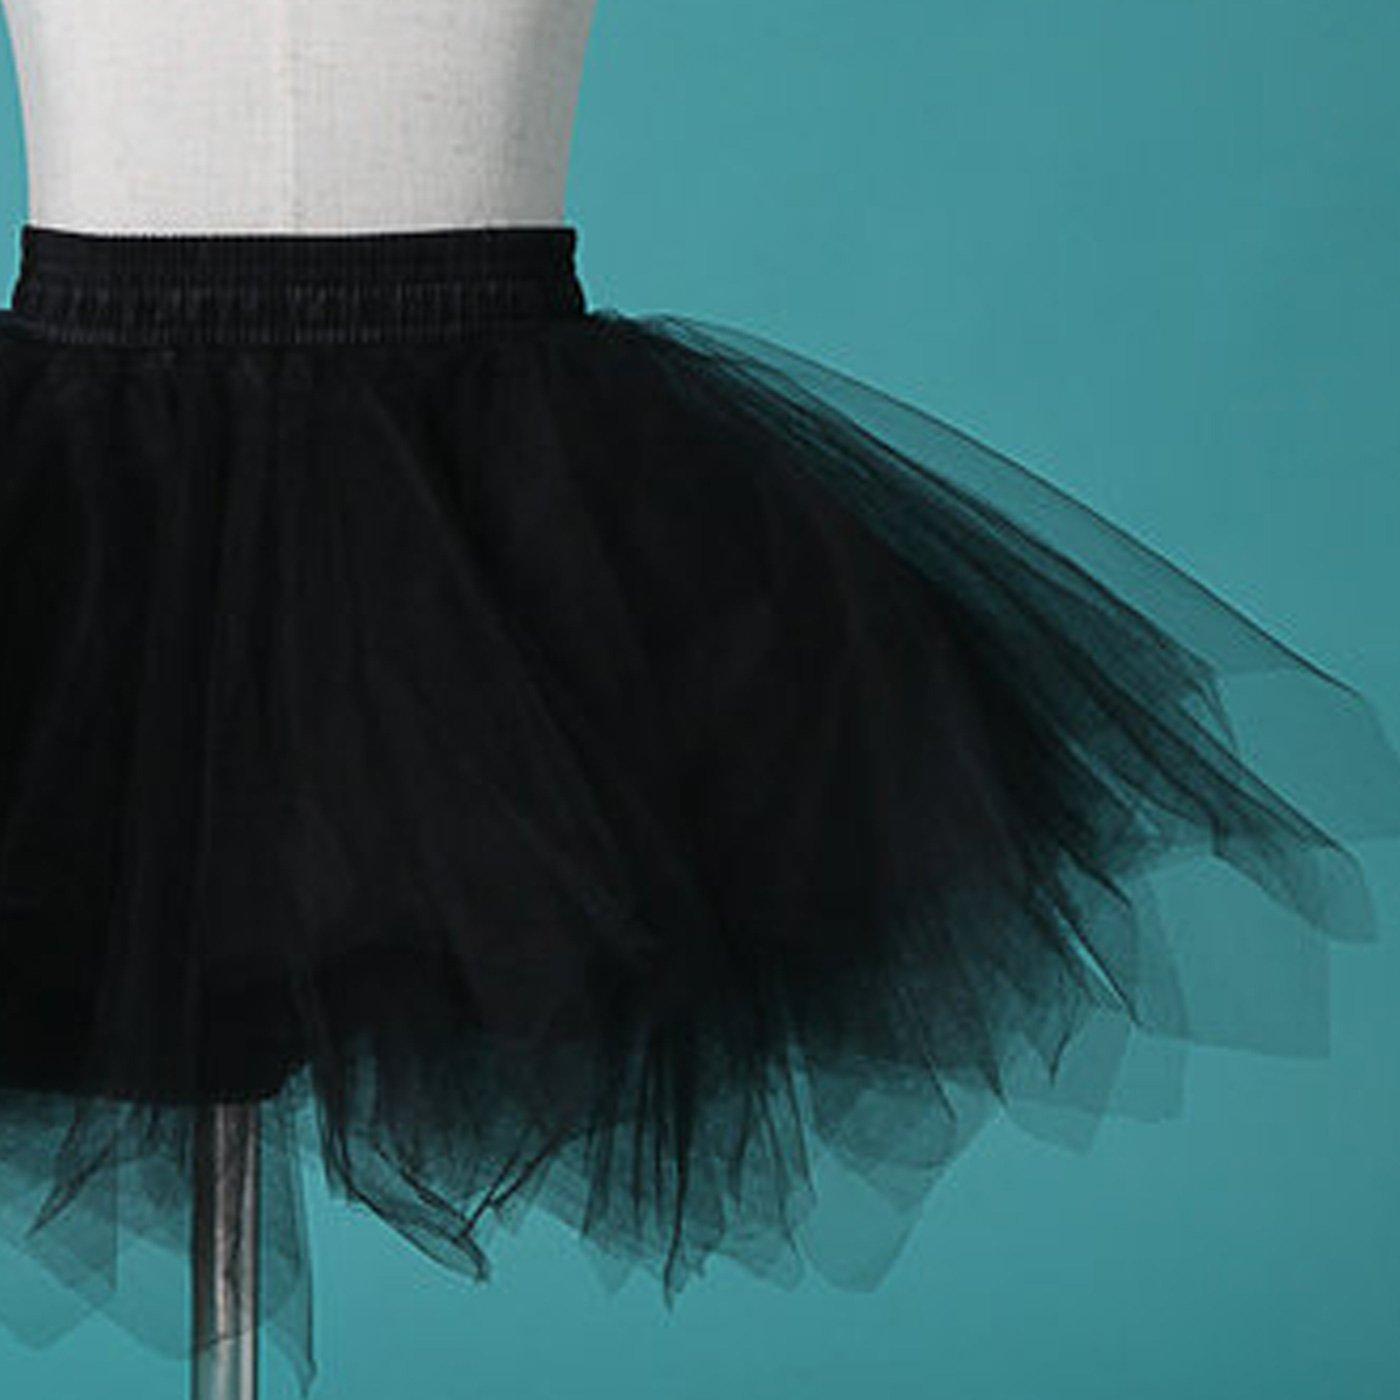 a024924f9 Descripción del producto. Características: Elegante falda de tutú, tul ...